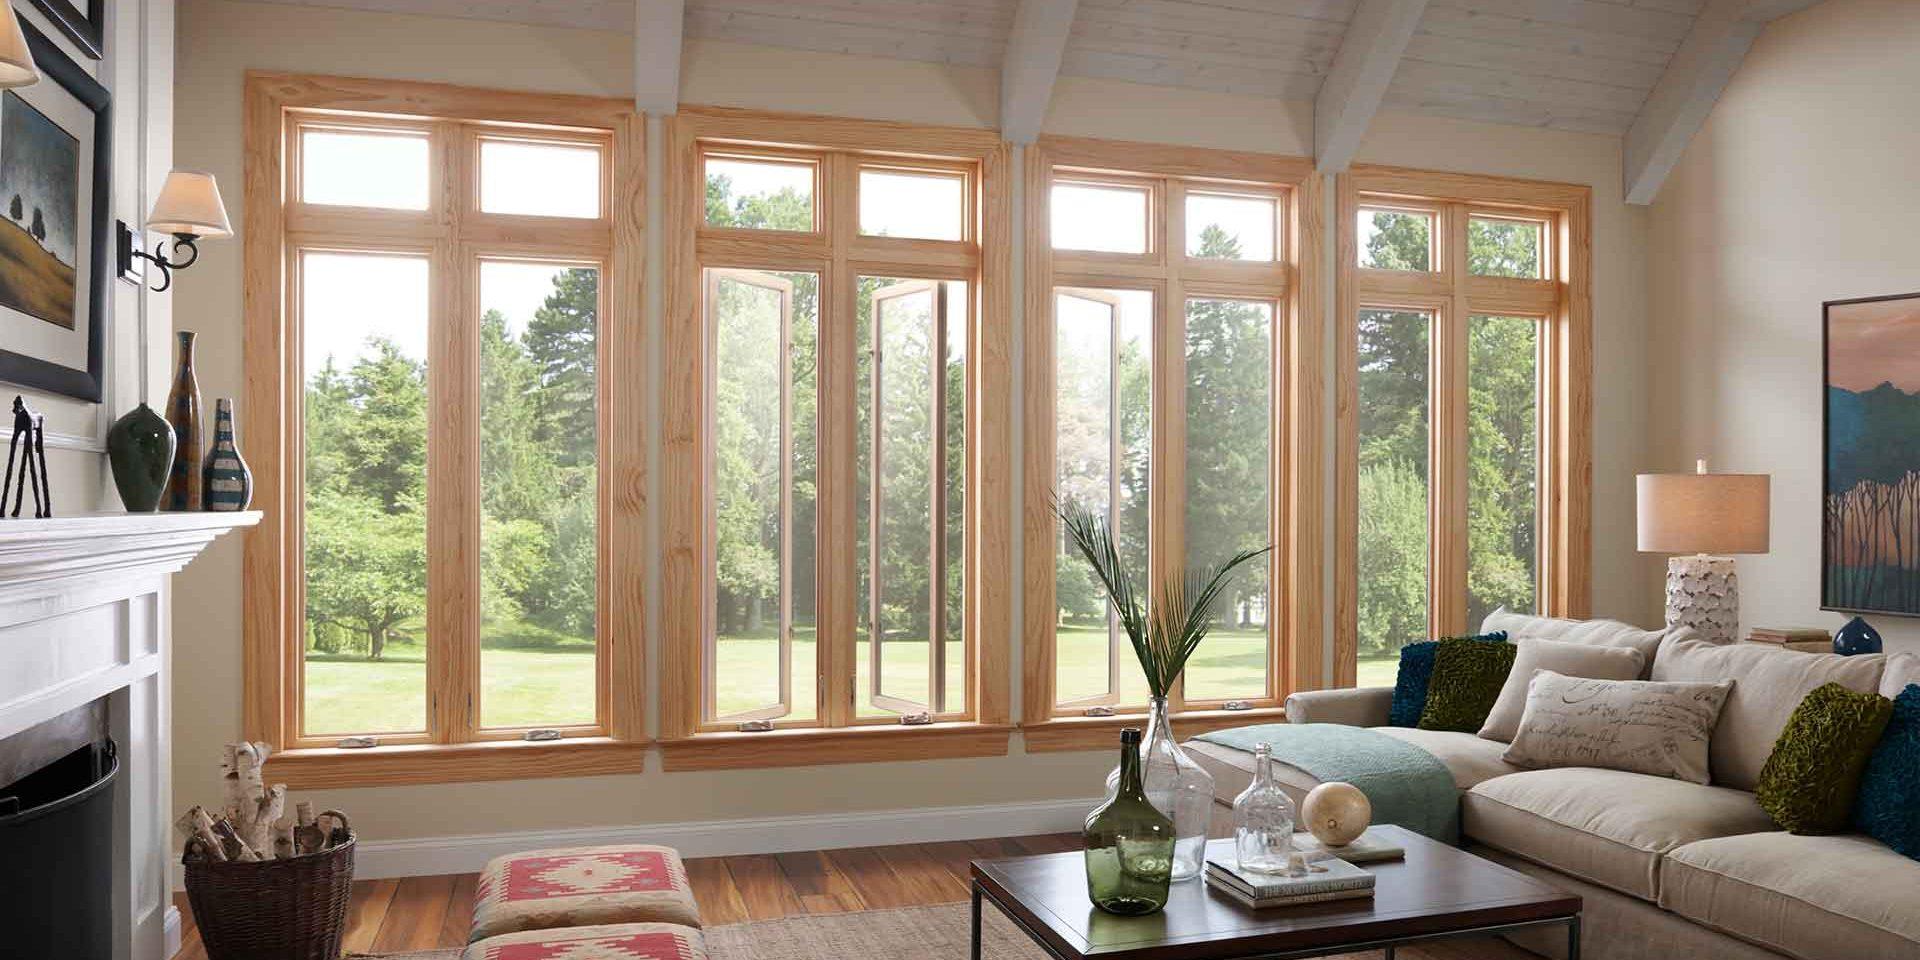 milgard windows denver fiberglass replacement windows for denver colorado window company